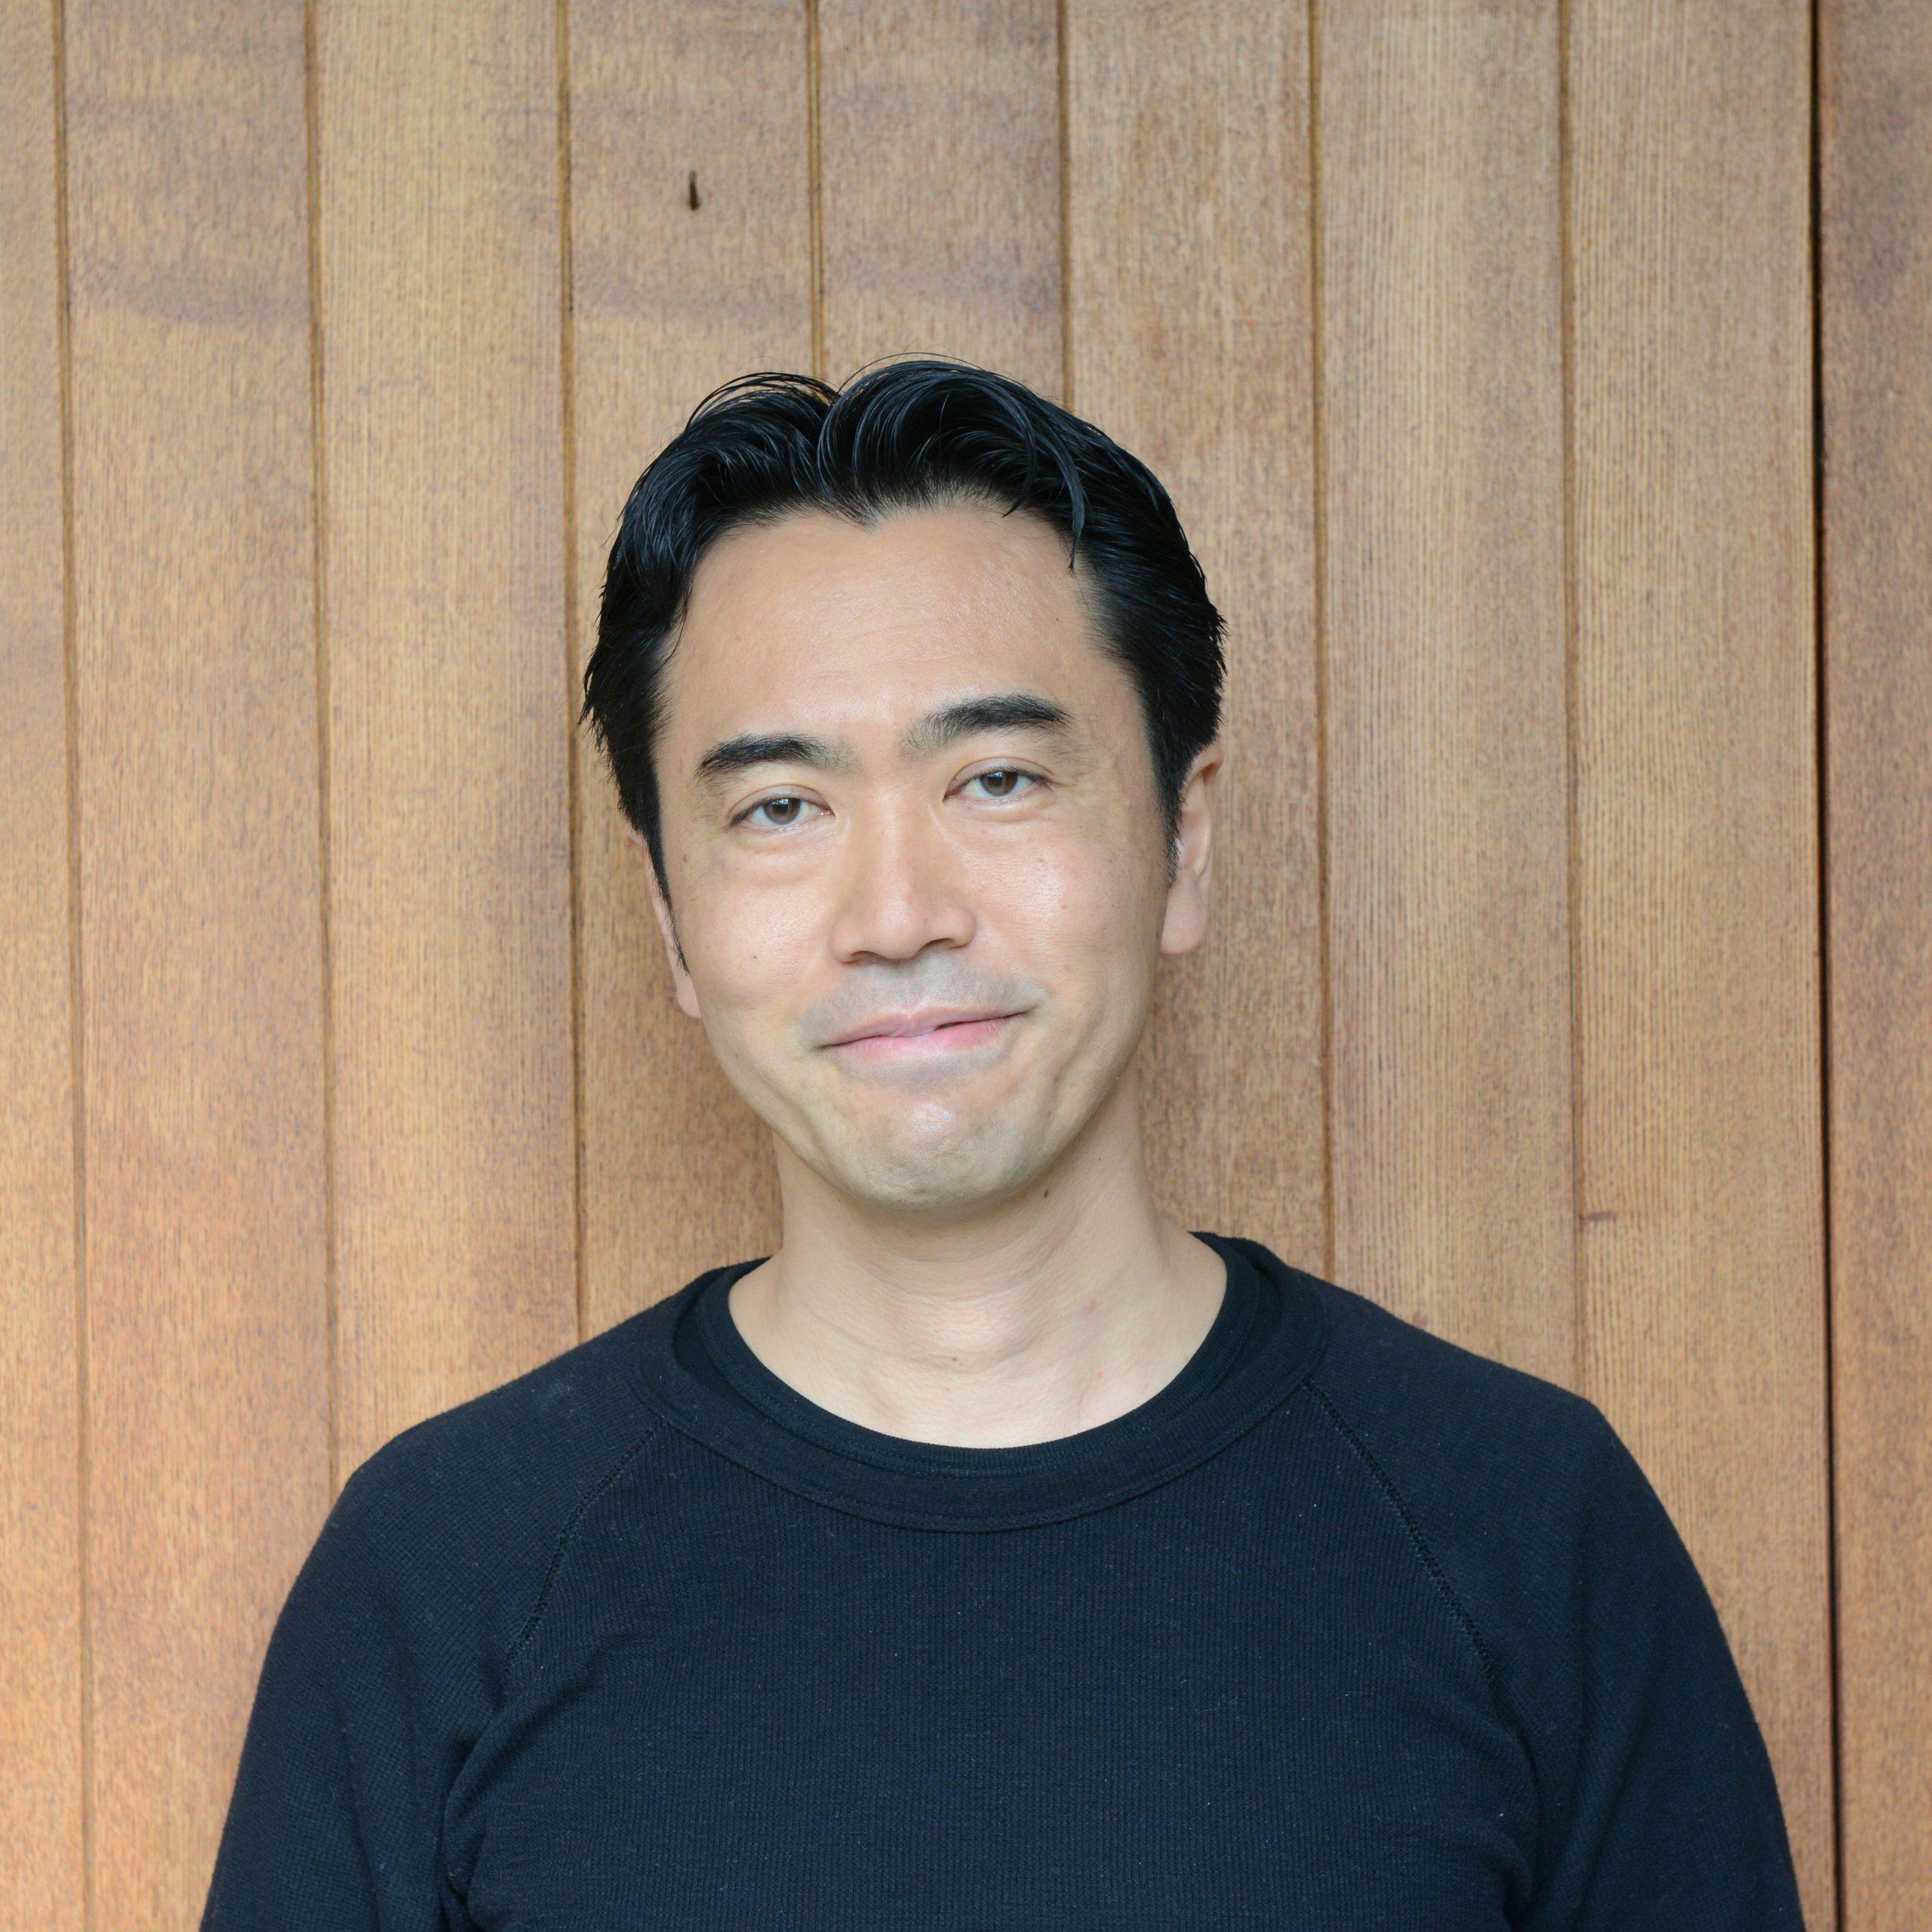 masatoyo ogasawara